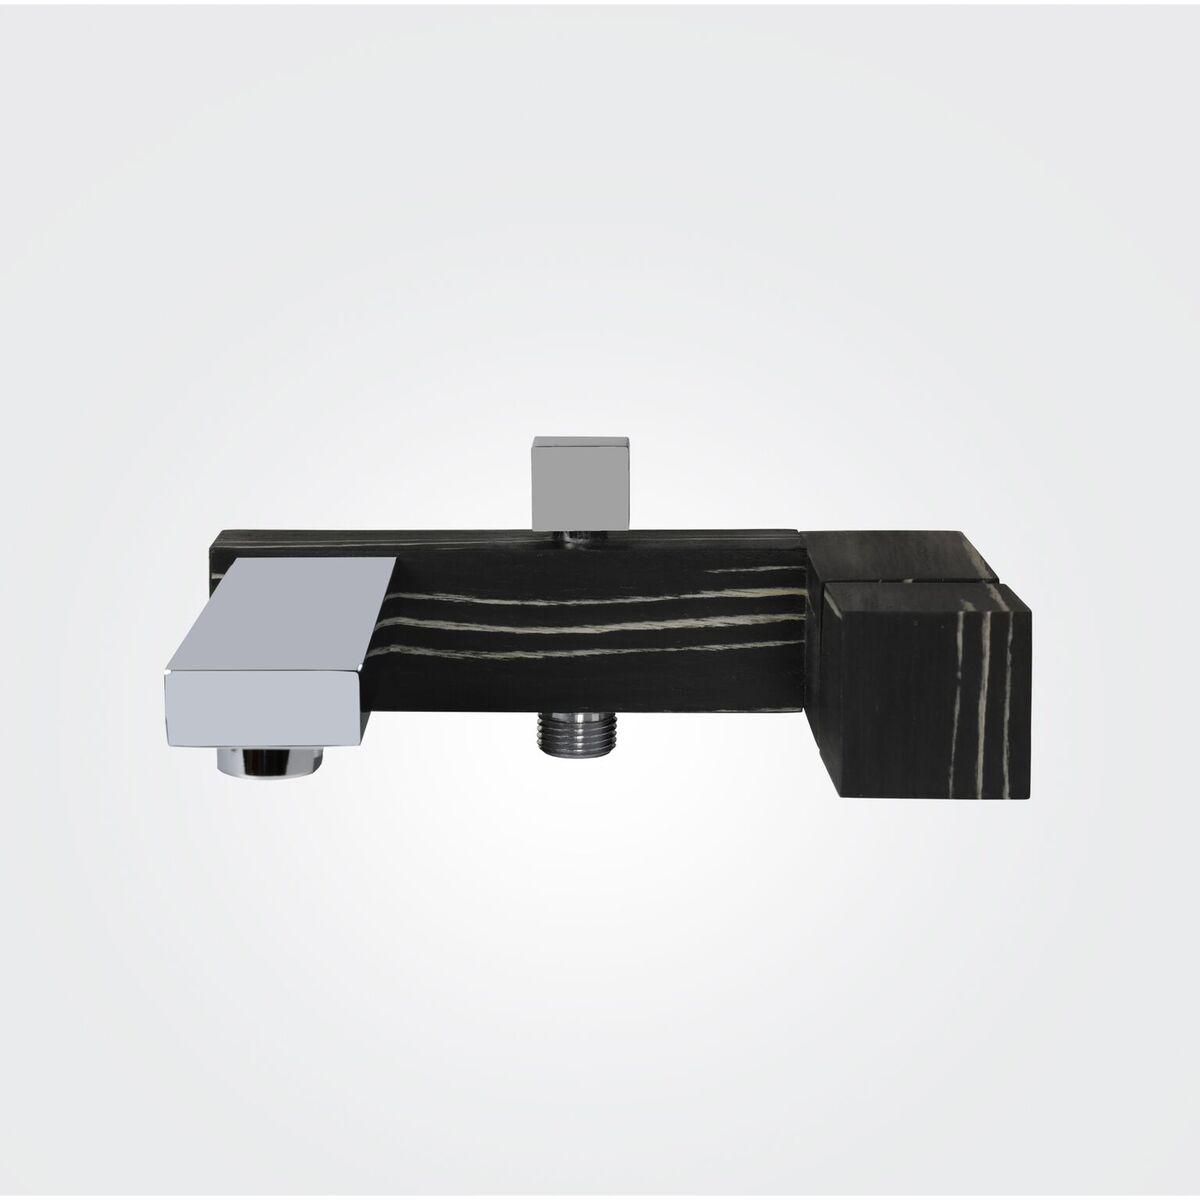 Wannenfüllarmatur GHD03 (Ausführung Ebenholz schwarz/weiß)